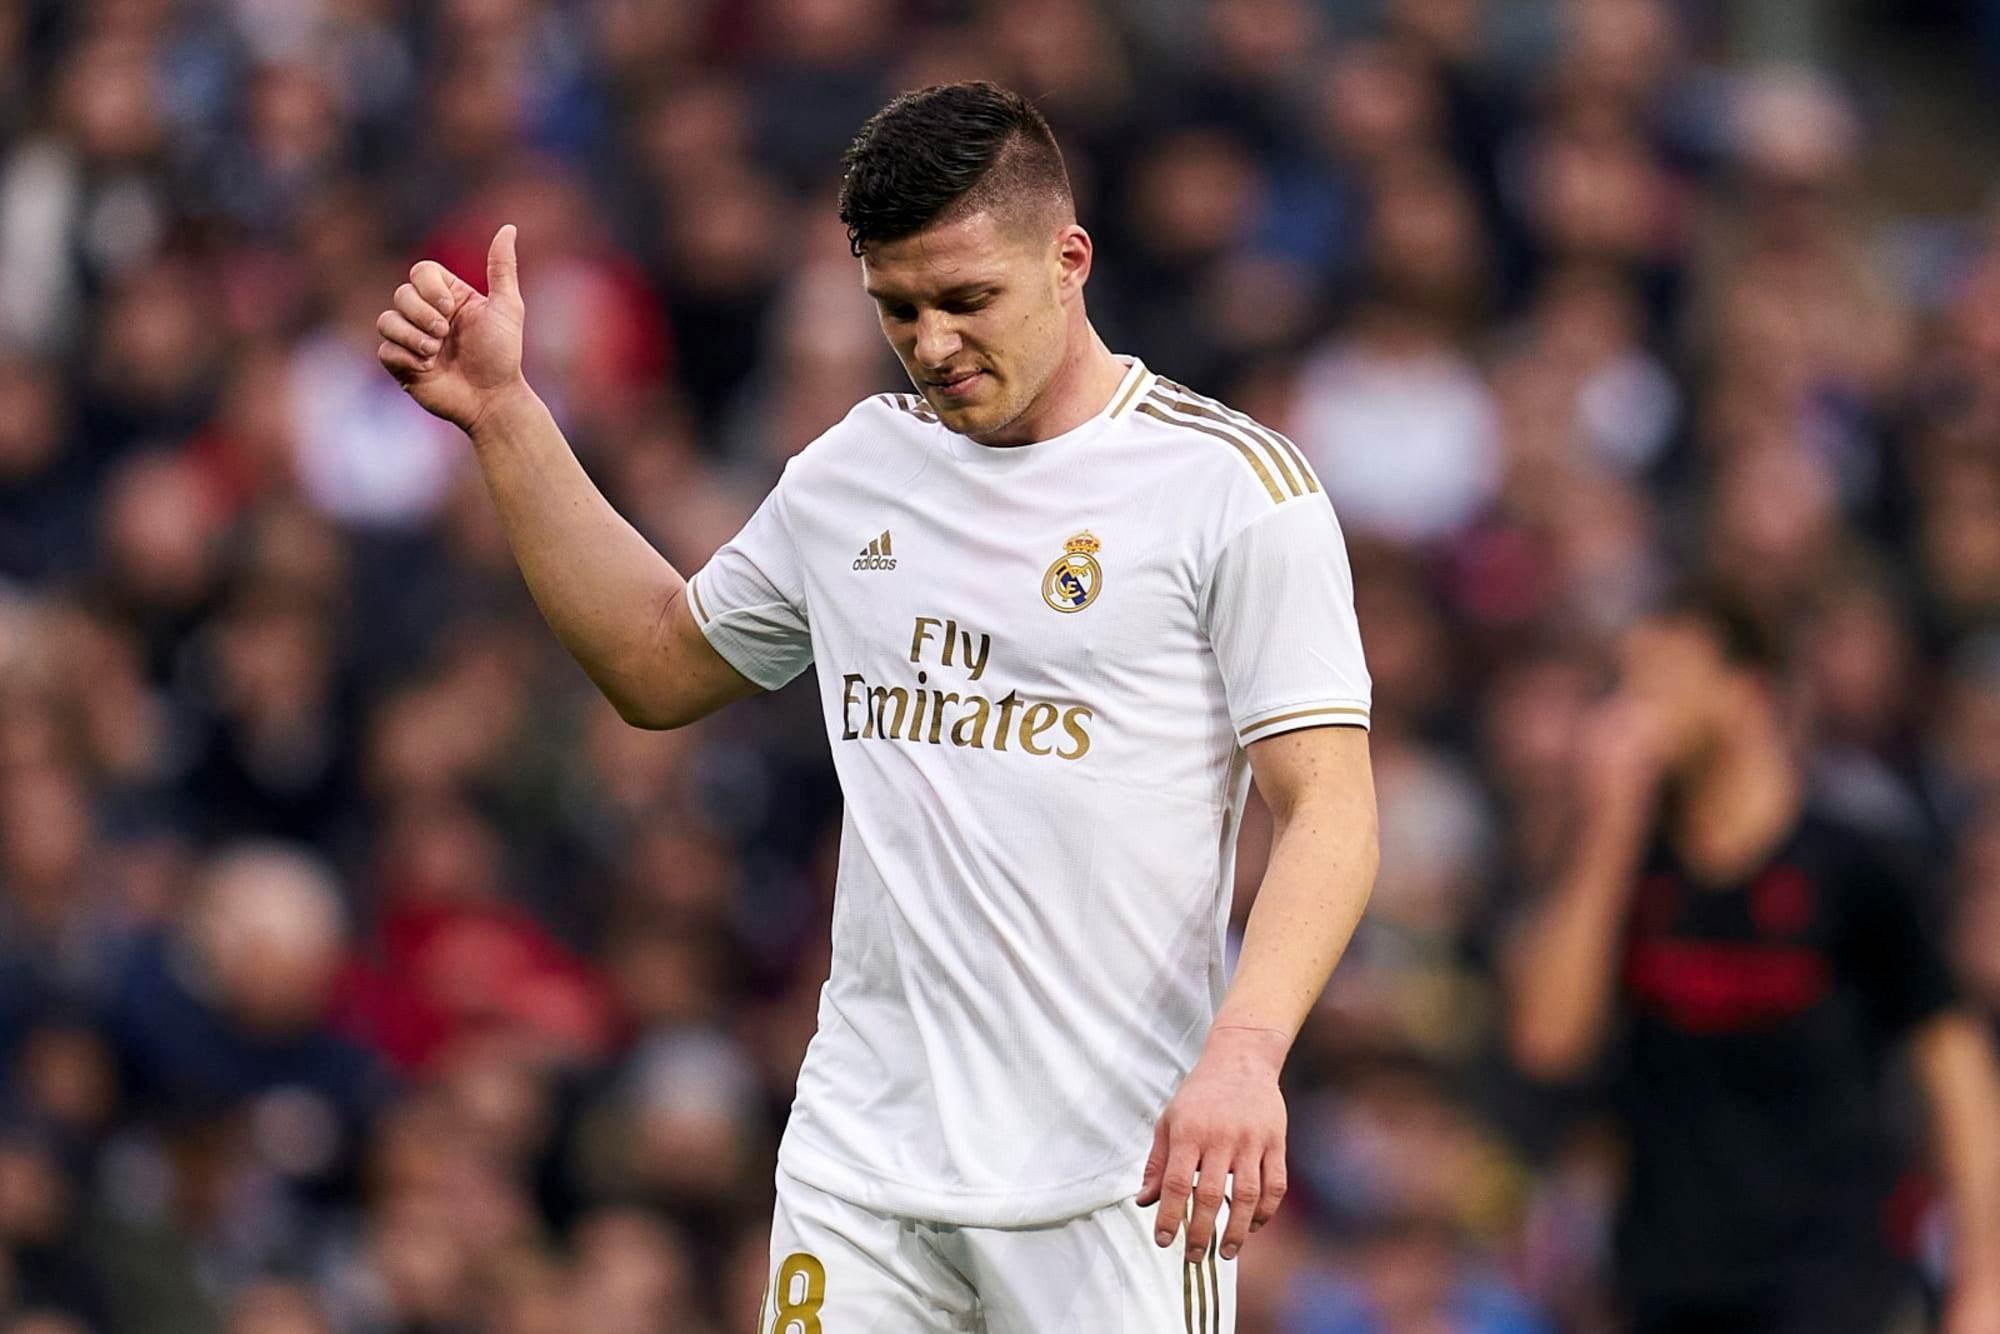 إصابة مهاجم ريال مدريد لوكا يوفيتش